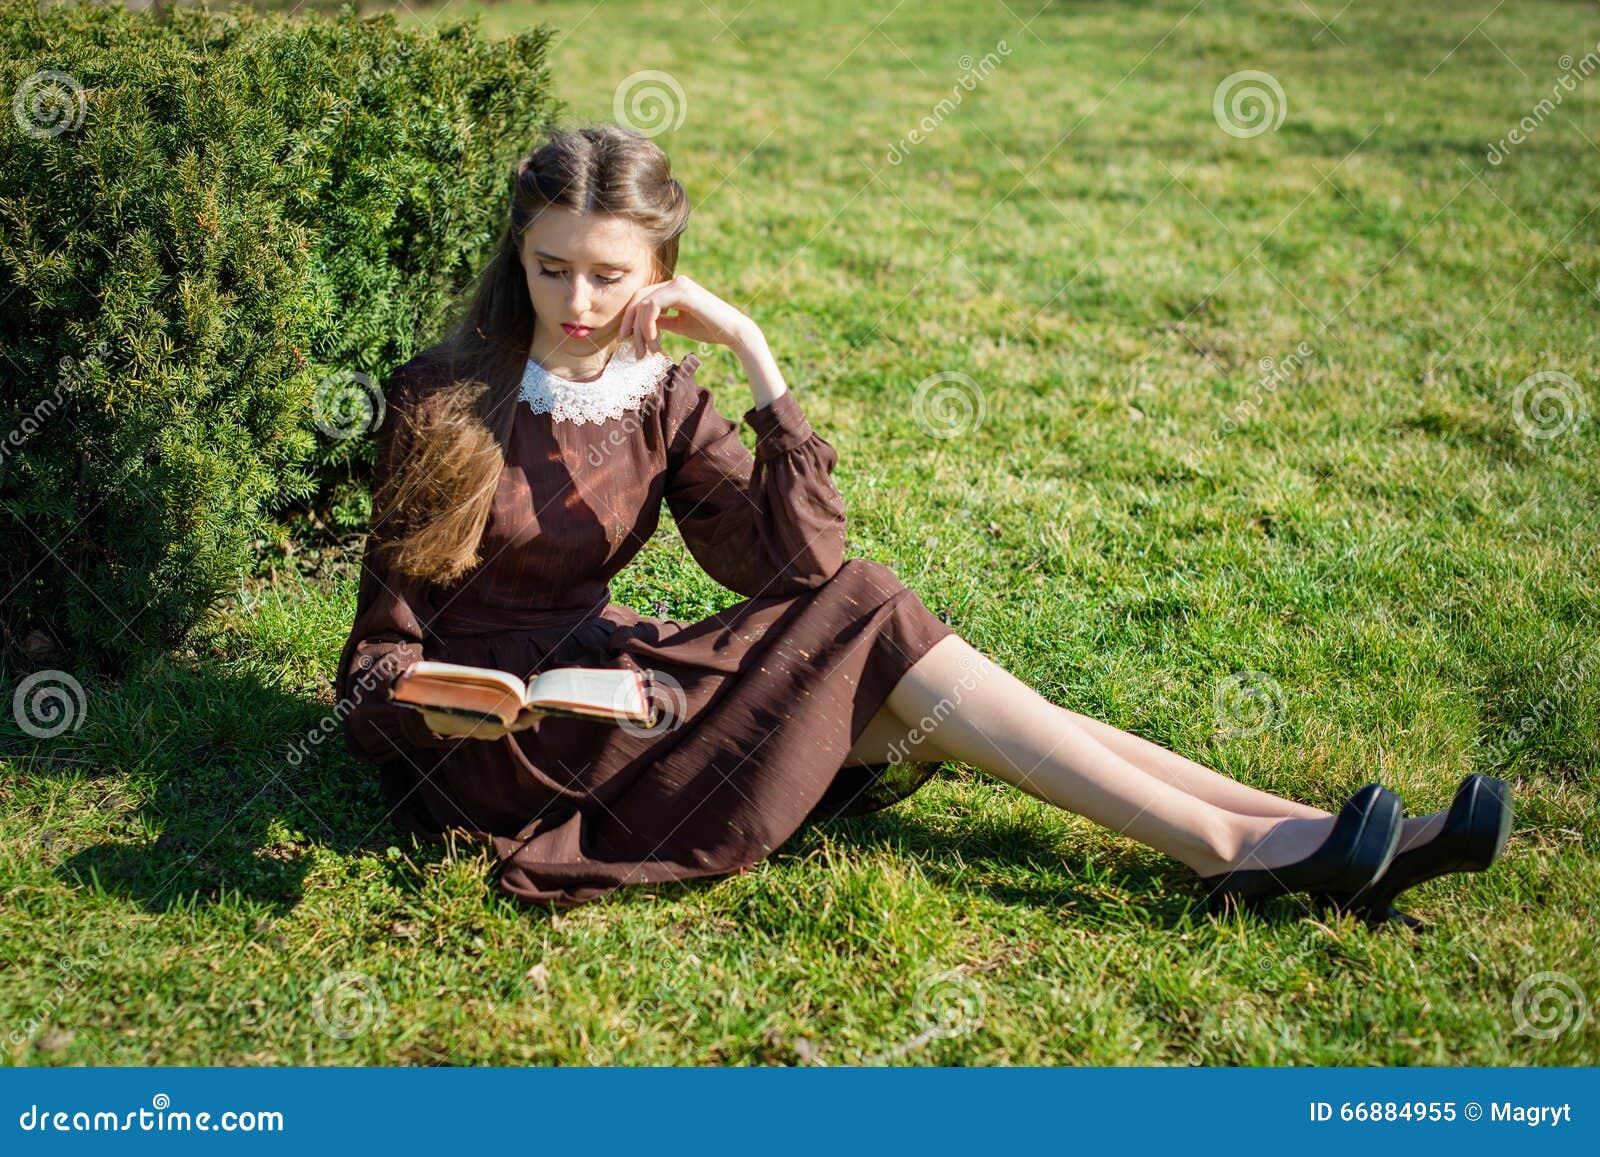 Ρομαντική νέα γυναίκα που διαβάζει ένα βιβλίο στη συνεδρίαση κήπων στη χλόη Χαλαρώστε την υπαίθρια χρονική έννοια